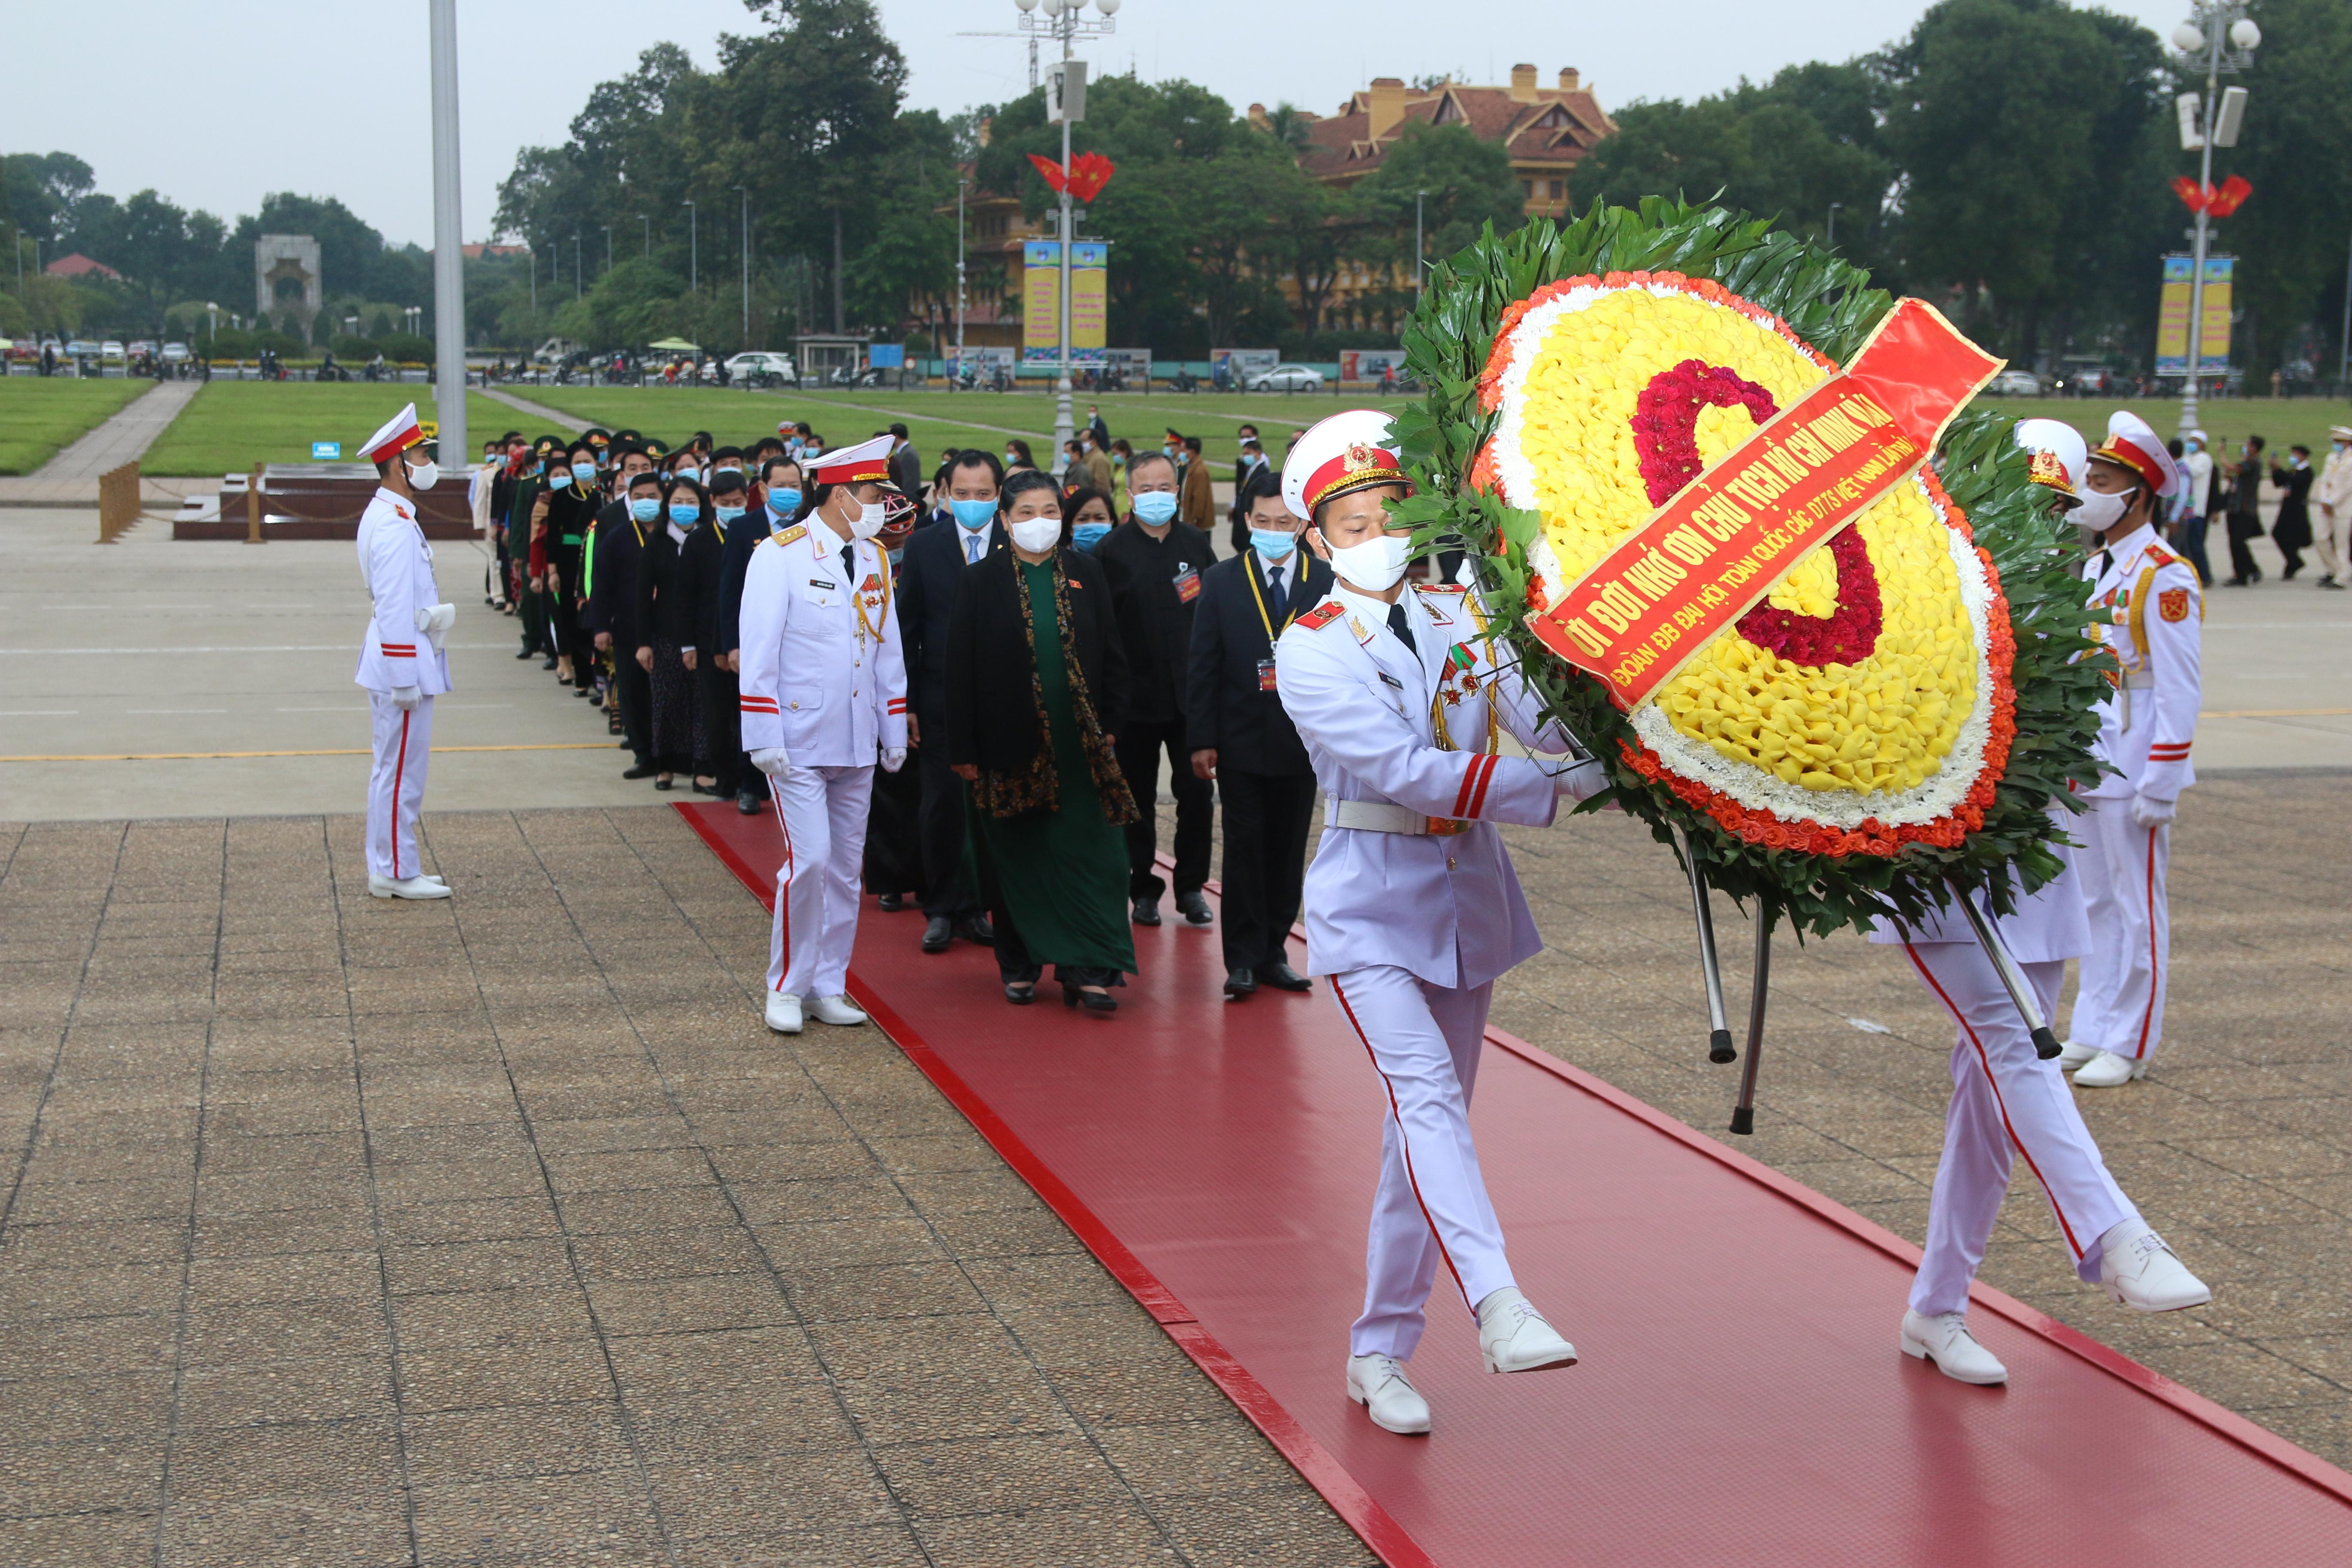 Đoàn đại biểu dự Đại hội Đại biểu toàn quốc các DTTS Việt Nam lần thứ II năm 2020 đã tới đặt vòng hoa, vào Lăng viếng Chủ tịch Hồ Chí Minh